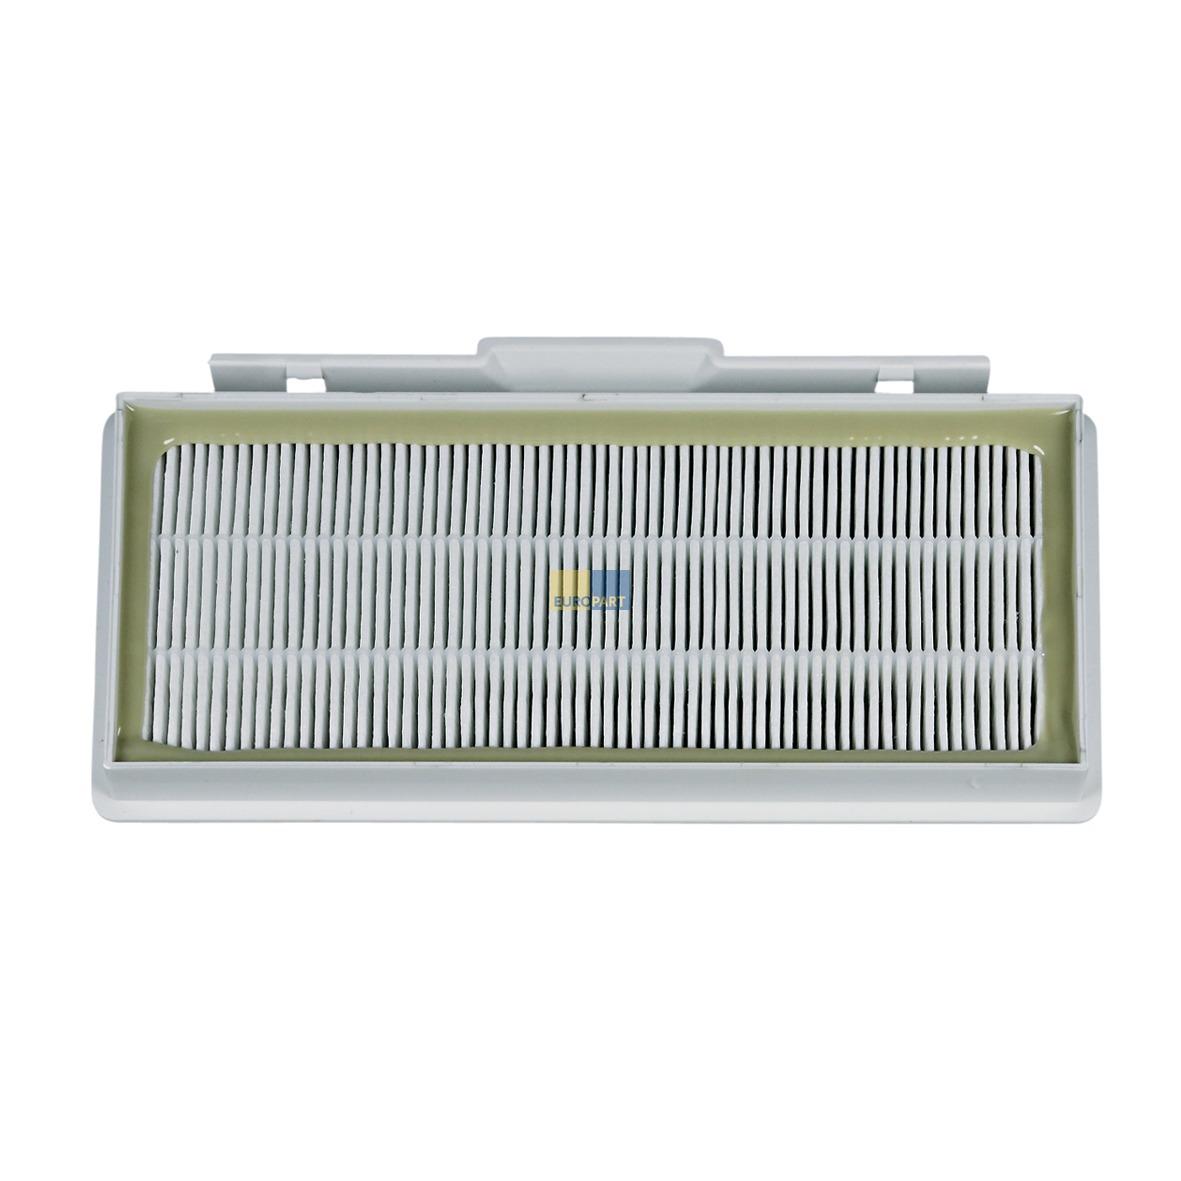 Abluftfilter Filter HEPA  für Bosch Filterkassette BSGL5 VSZ6 VSZ5 wie 00579496